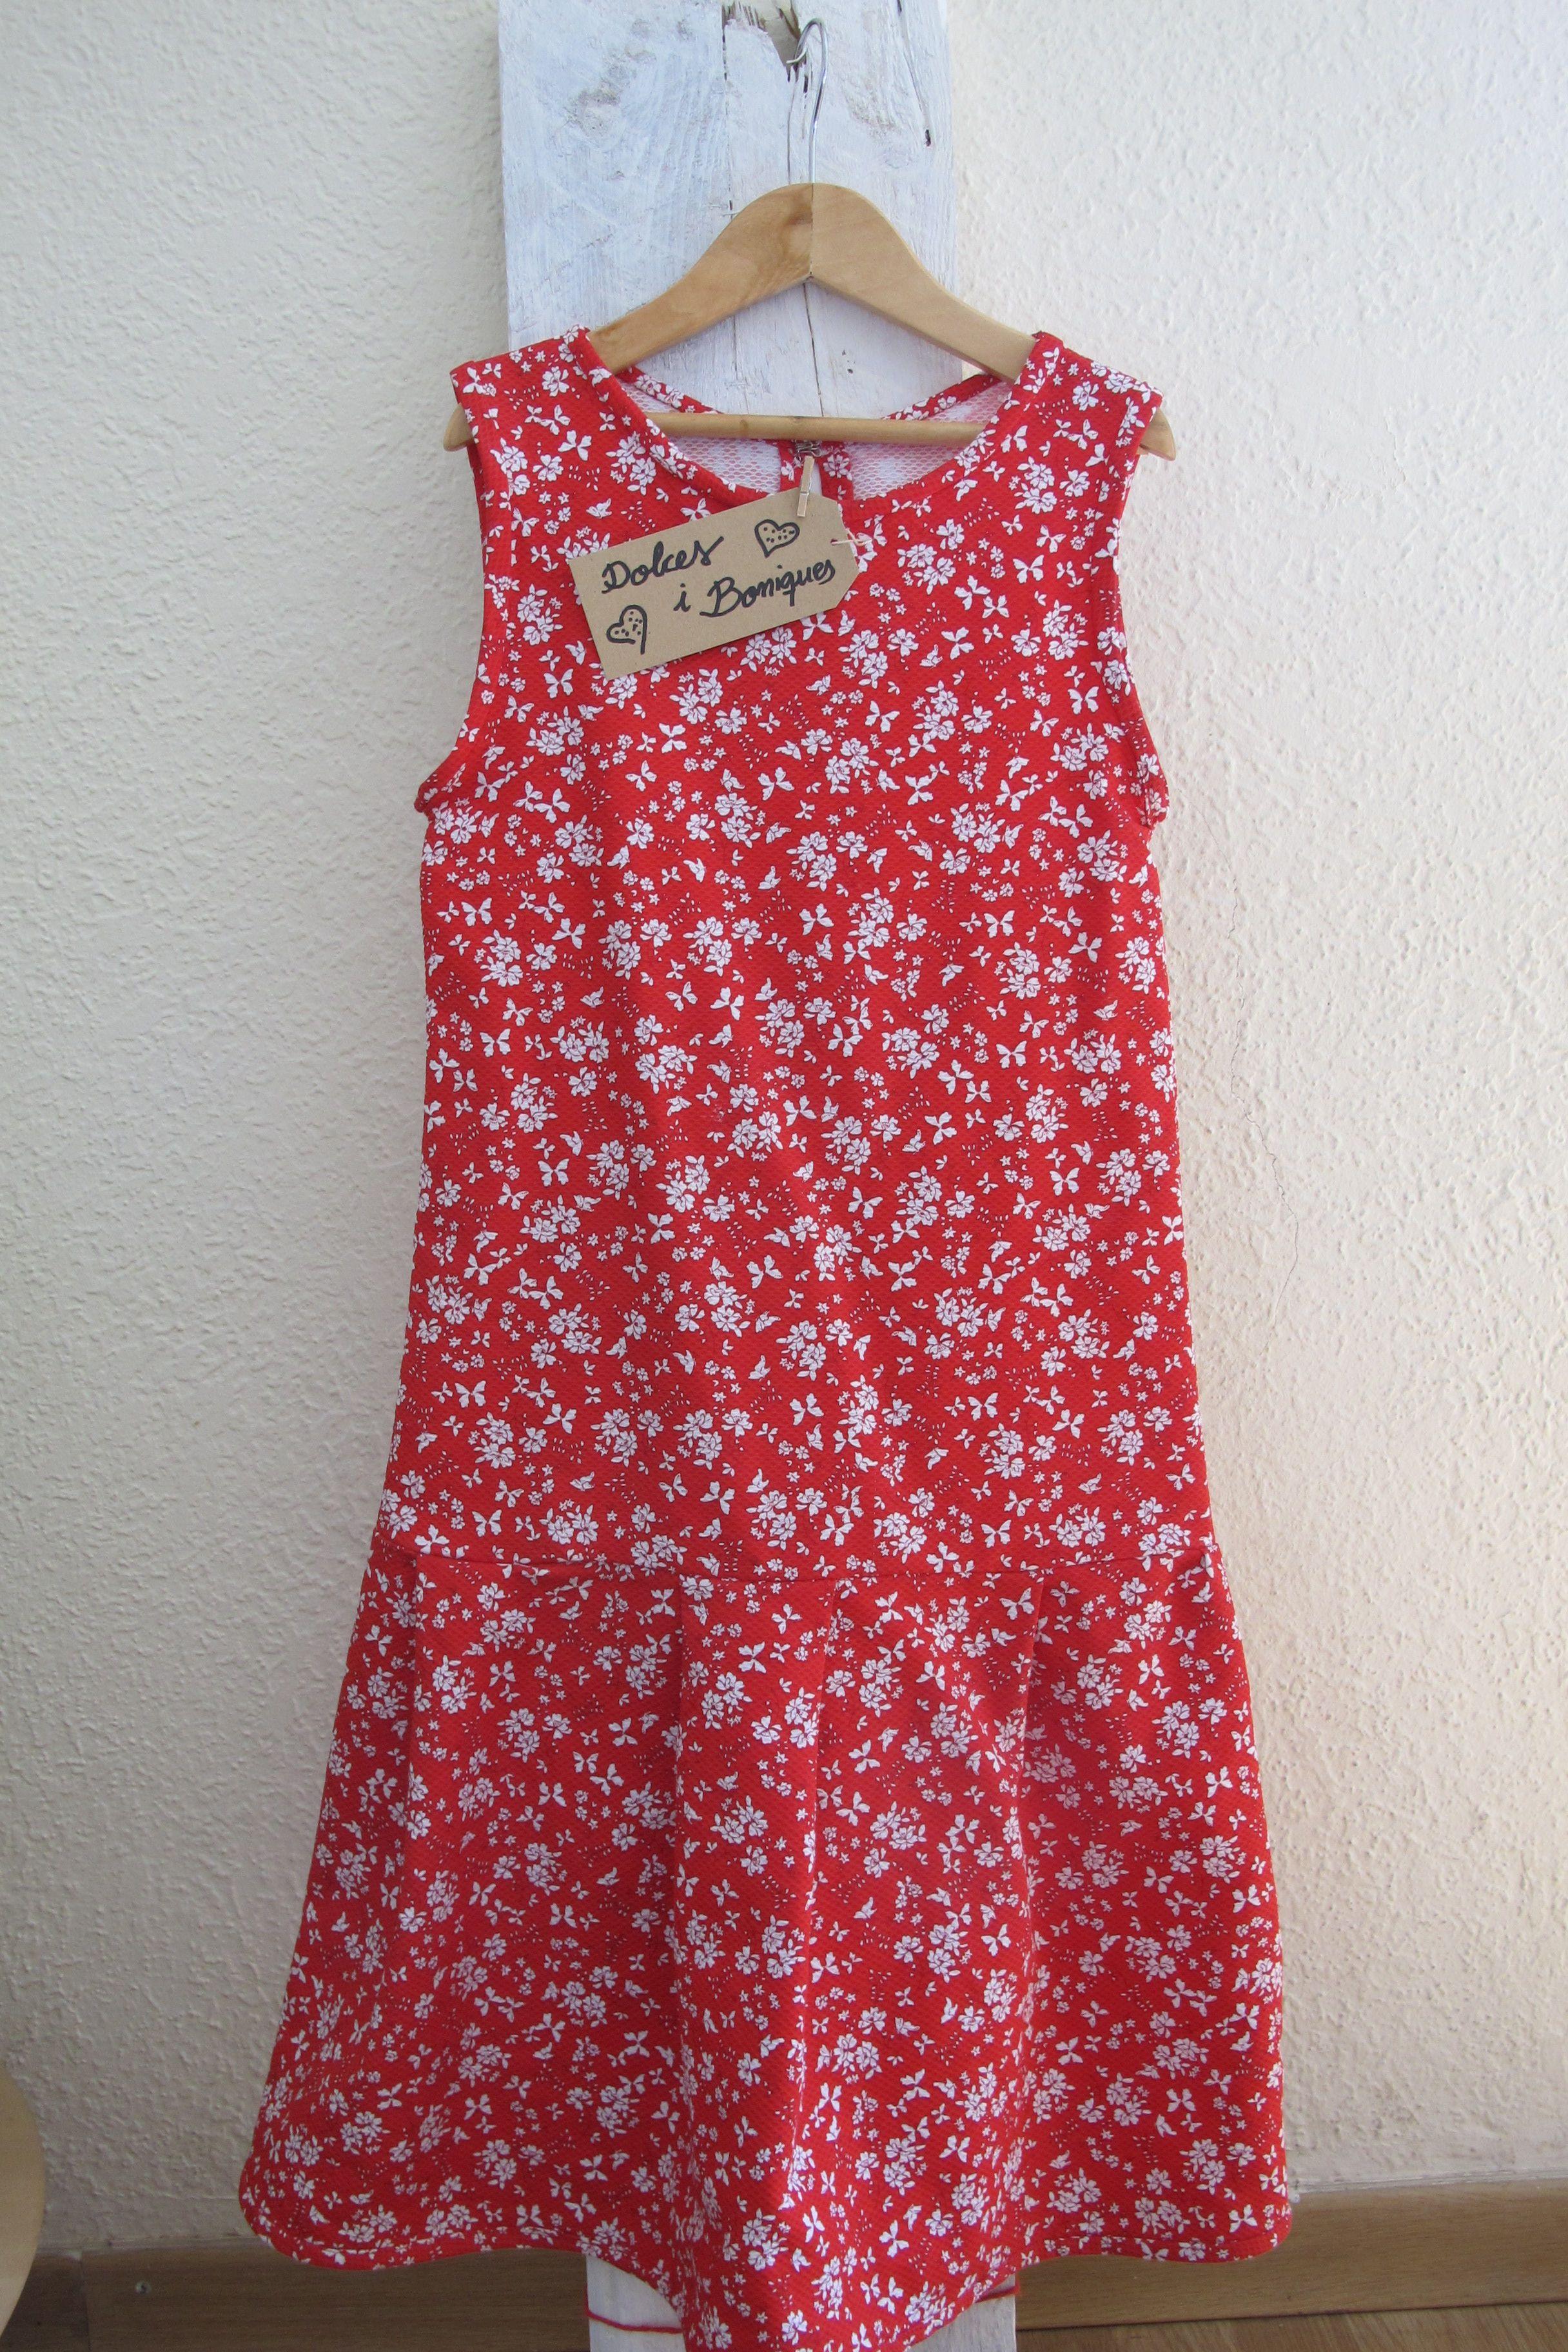 Vestido para niña de 9 años / Vestit per a nena de 9 anys. | Ropa ...